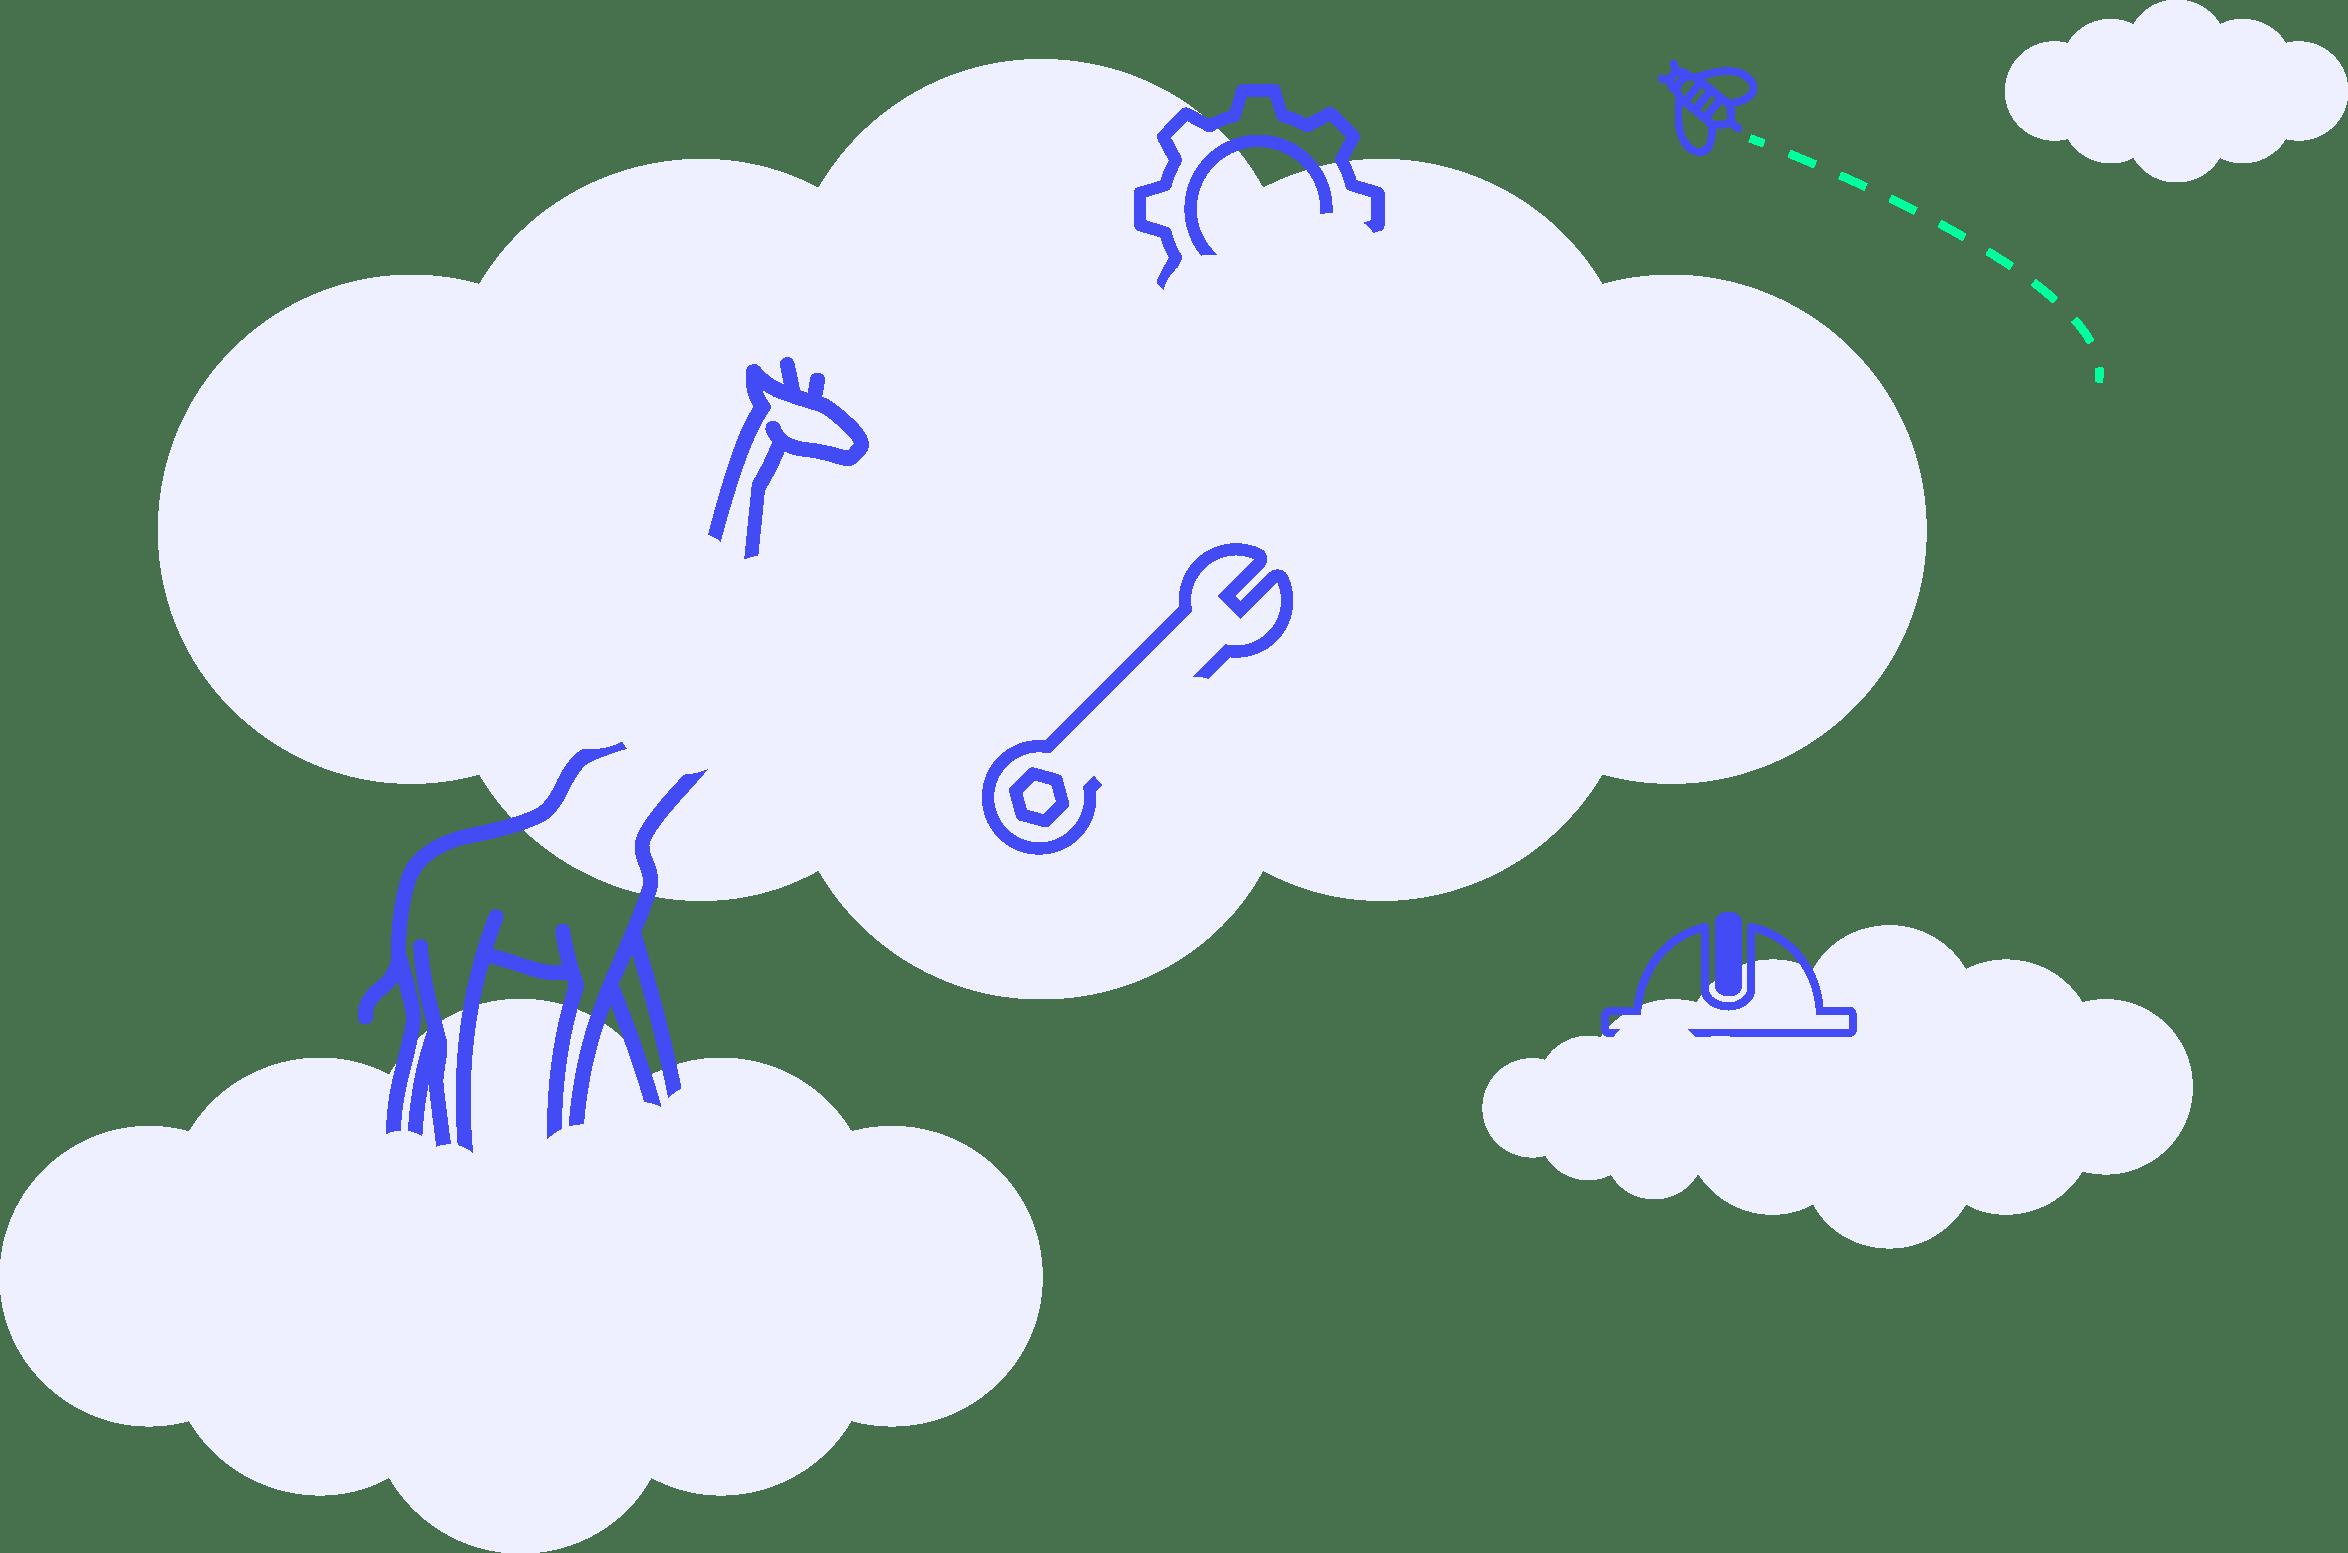 La tua Manutenzione Caldaie e Condizionatori Semplice e in Cloud